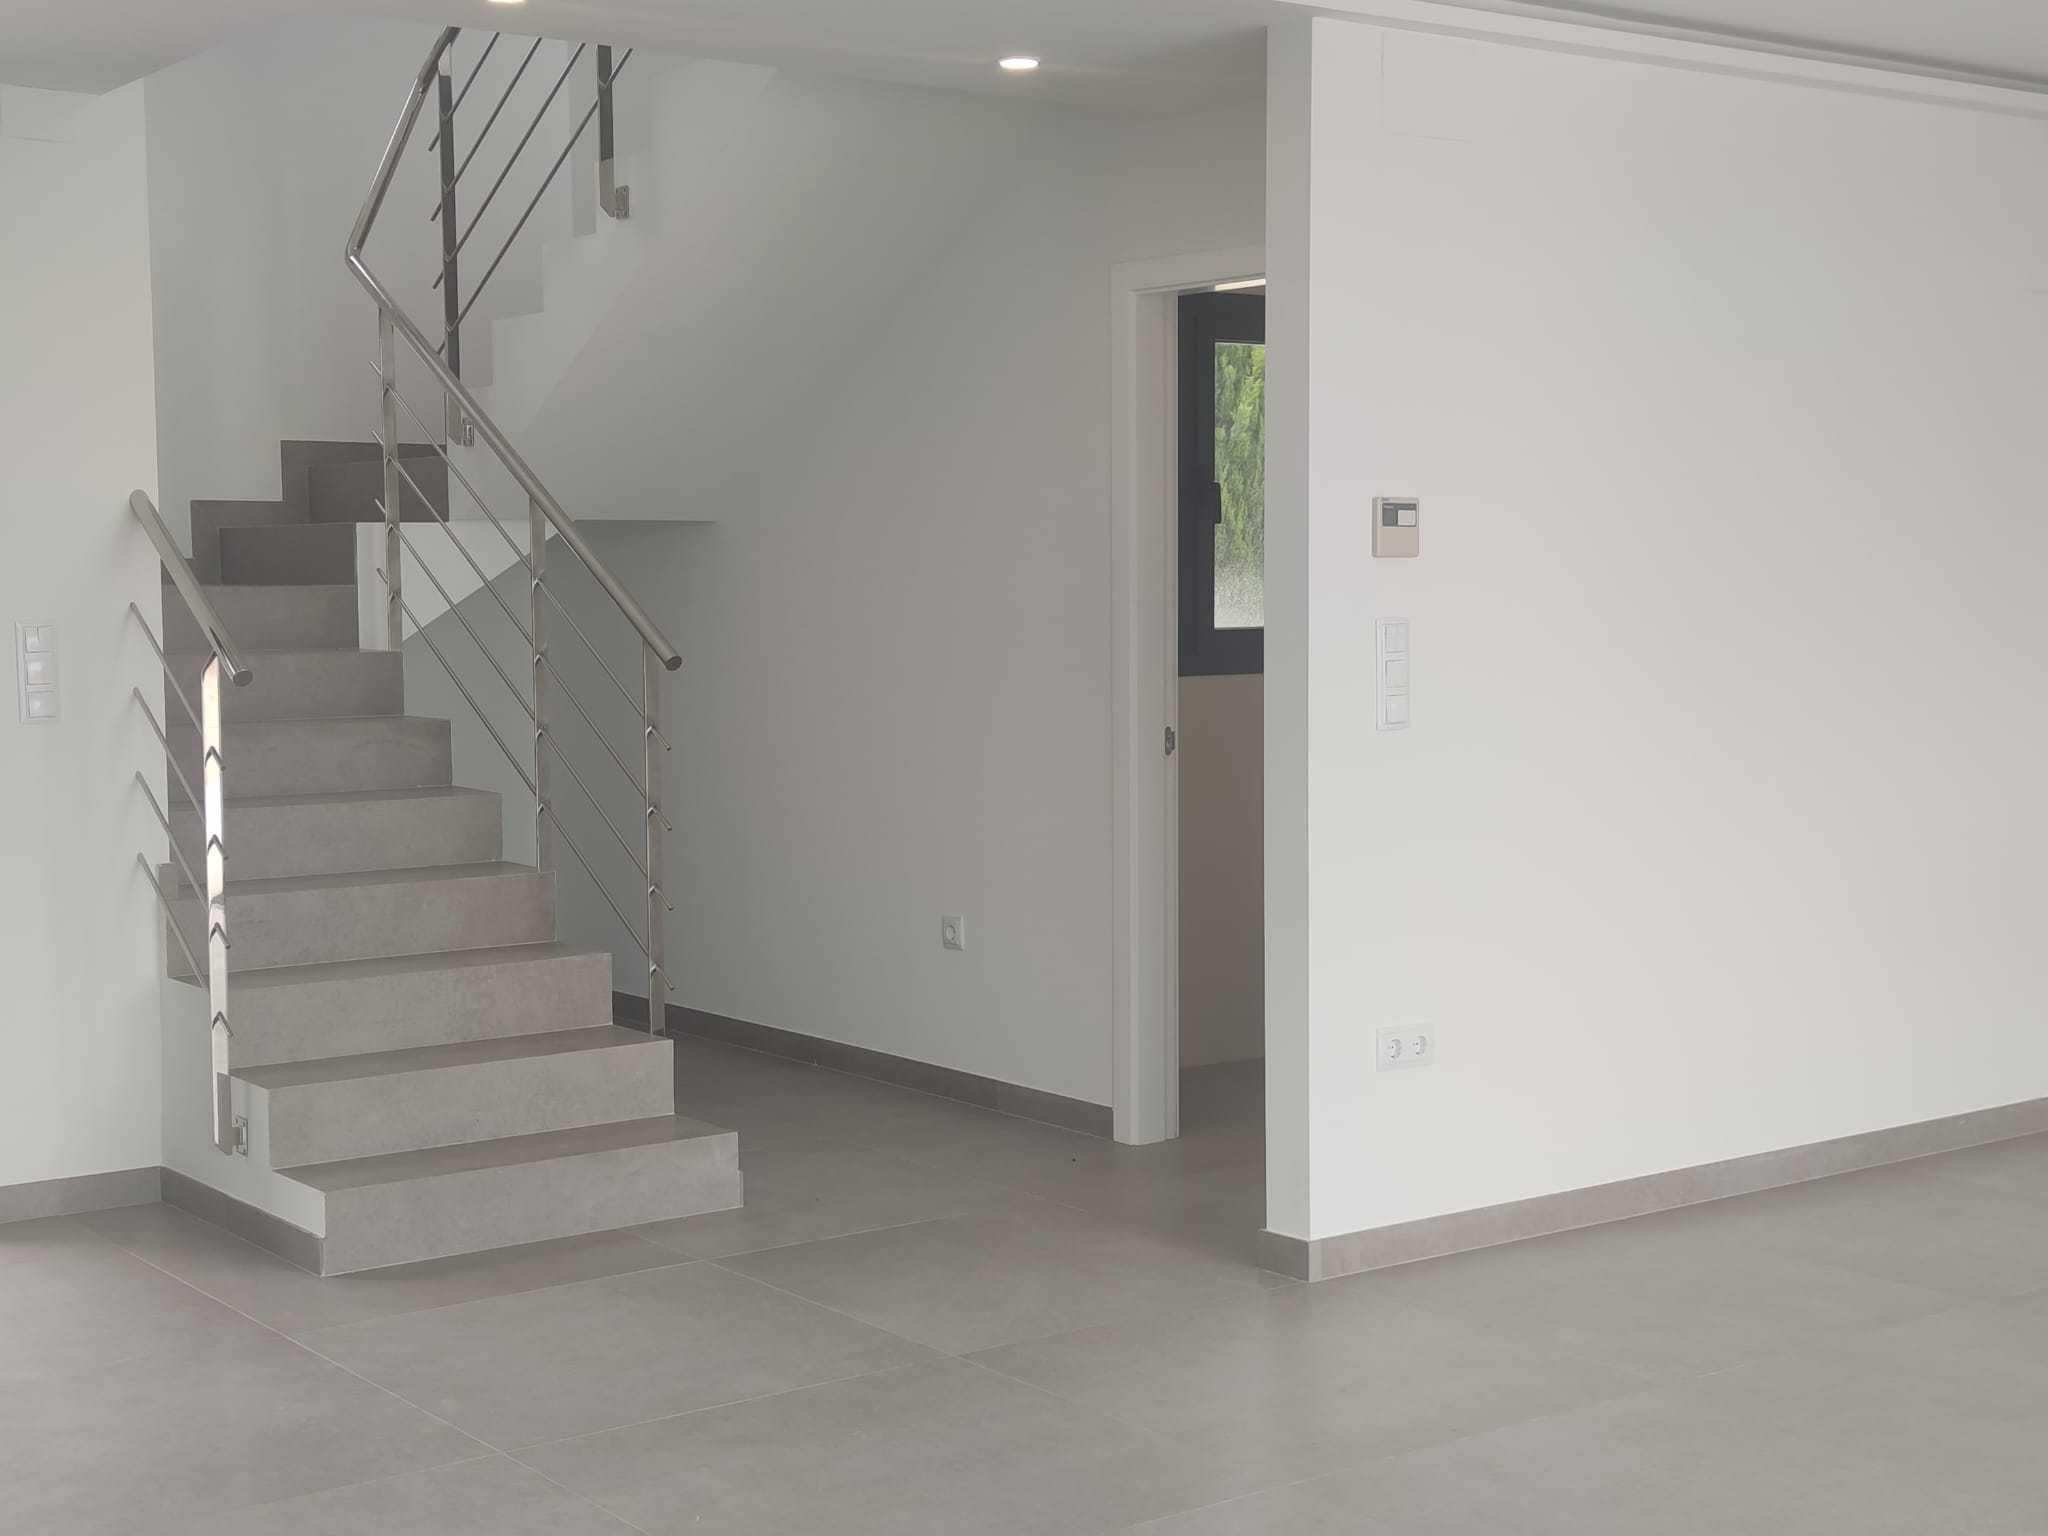 Fotogalería - 17 - Olea-Home | Real Estate en Orba y Teulada-Moraira |